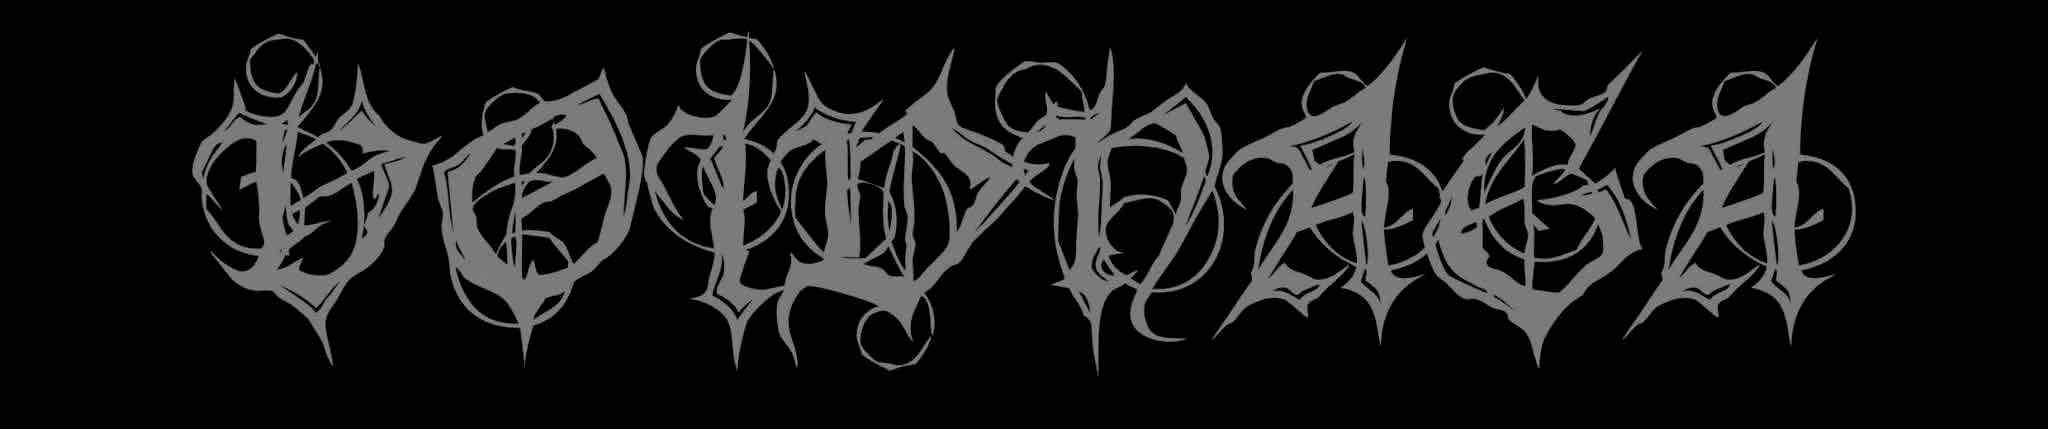 Voidnaga - Logo